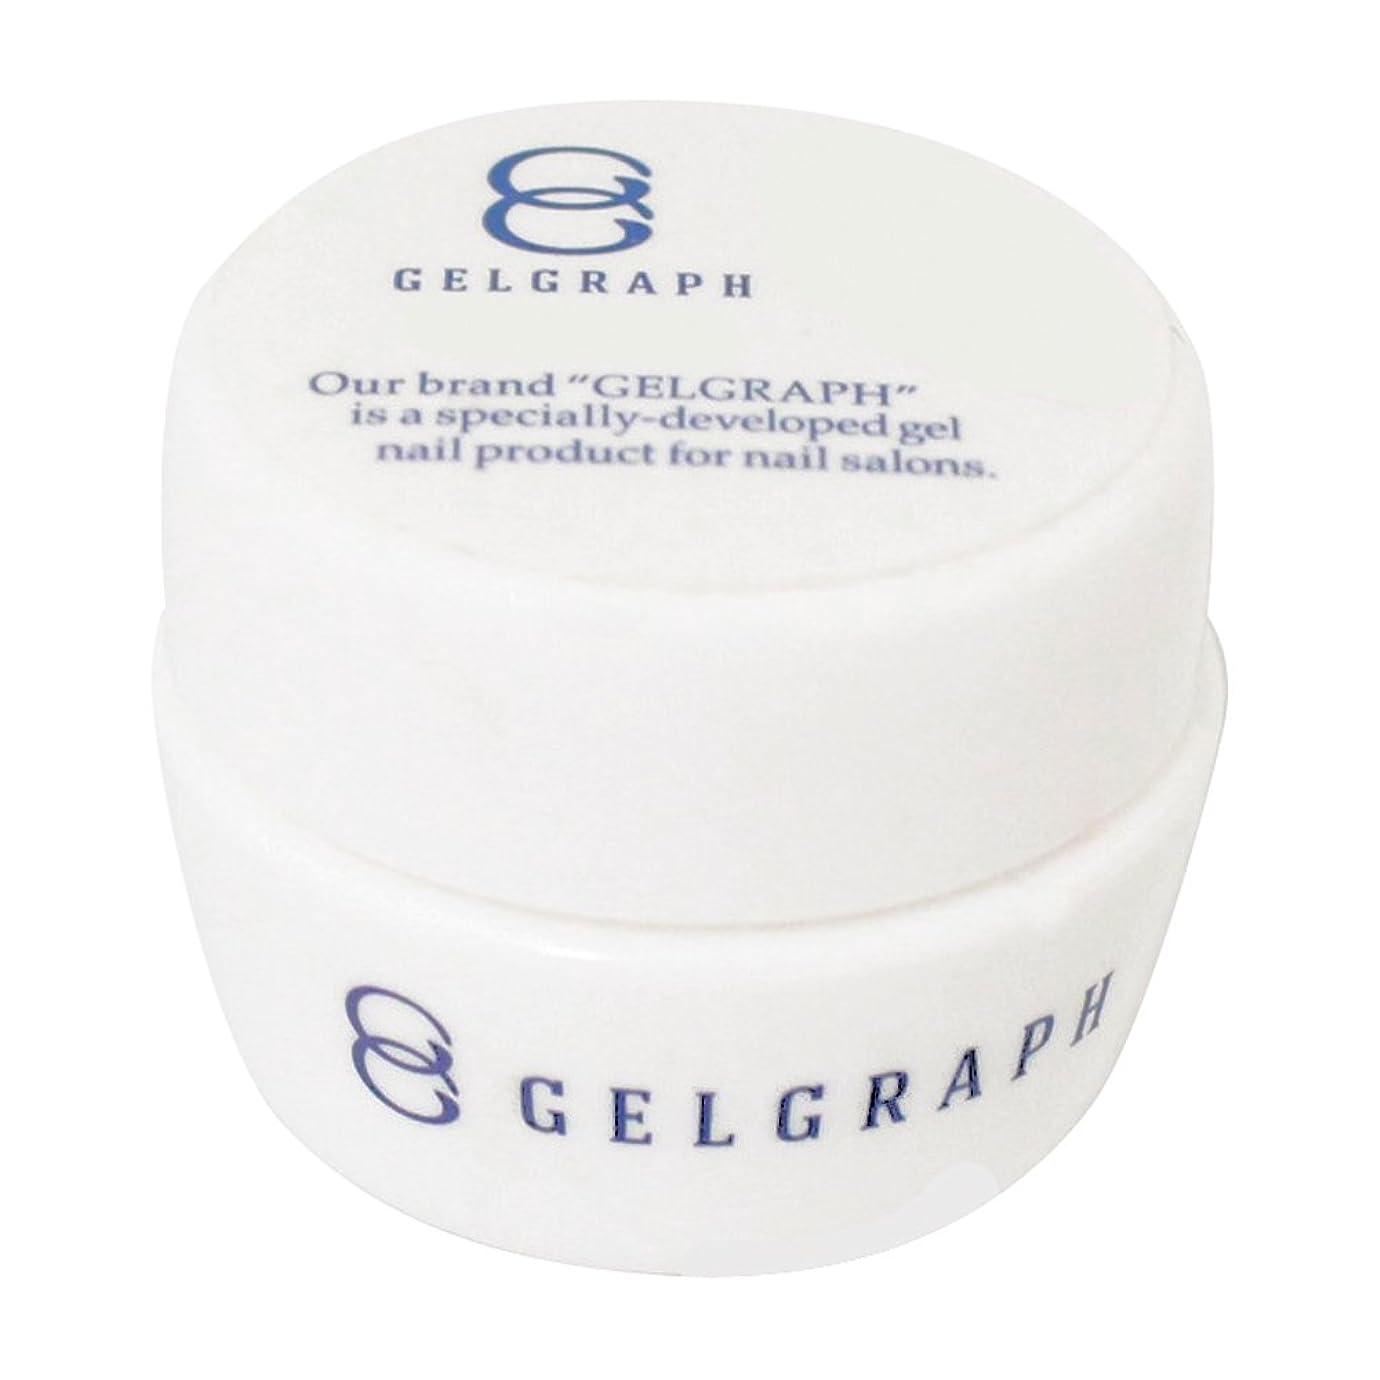 神秘的なハチ約設定GELGRAPH カラージェル 086NP フローズンブルーマルガリータ 5g UV/LED対応 ソークオフジェル